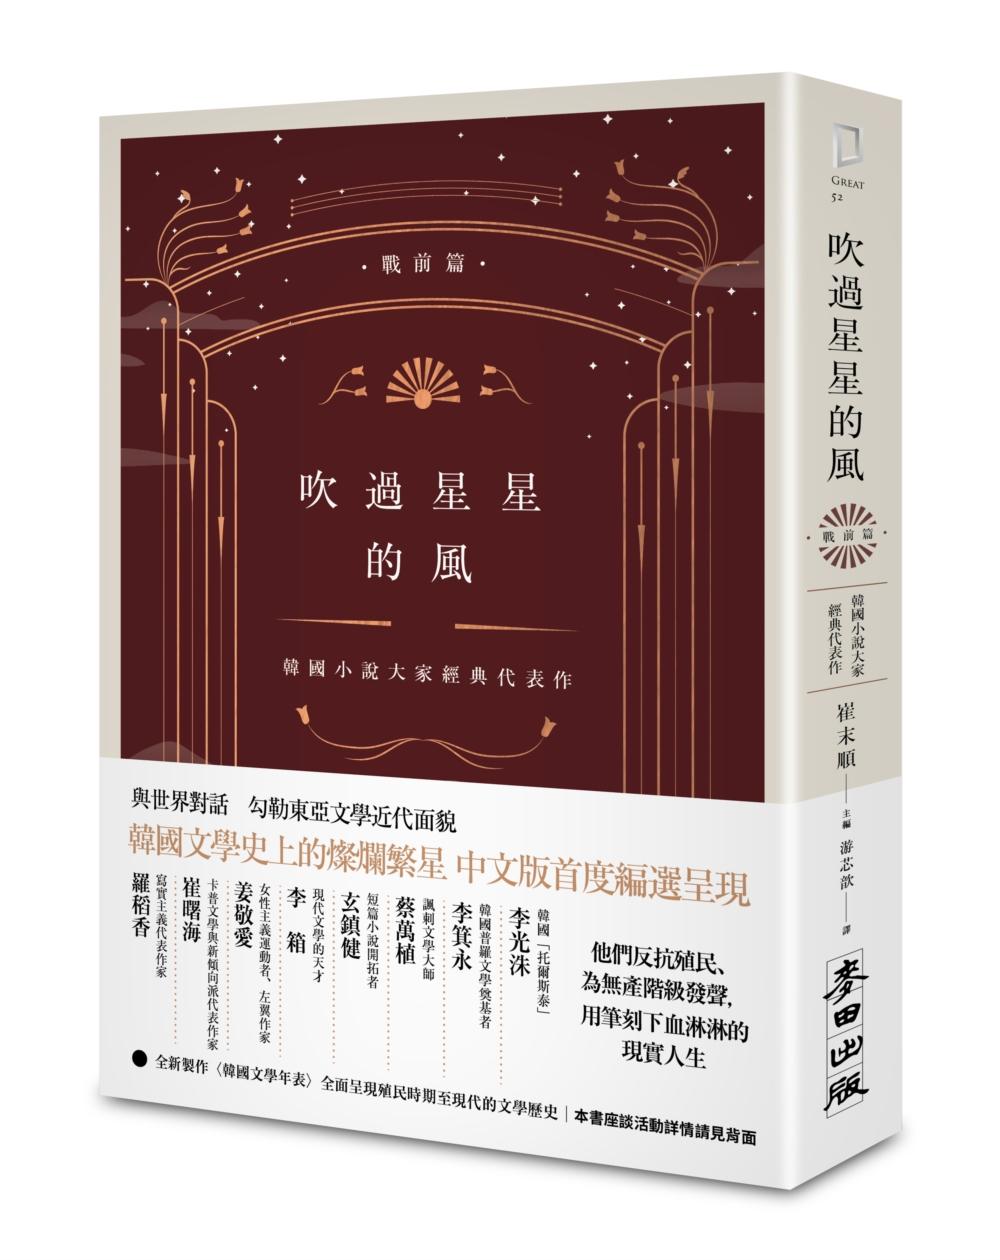 吹過星星的風:韓國小說大家經典代表作(戰前篇)